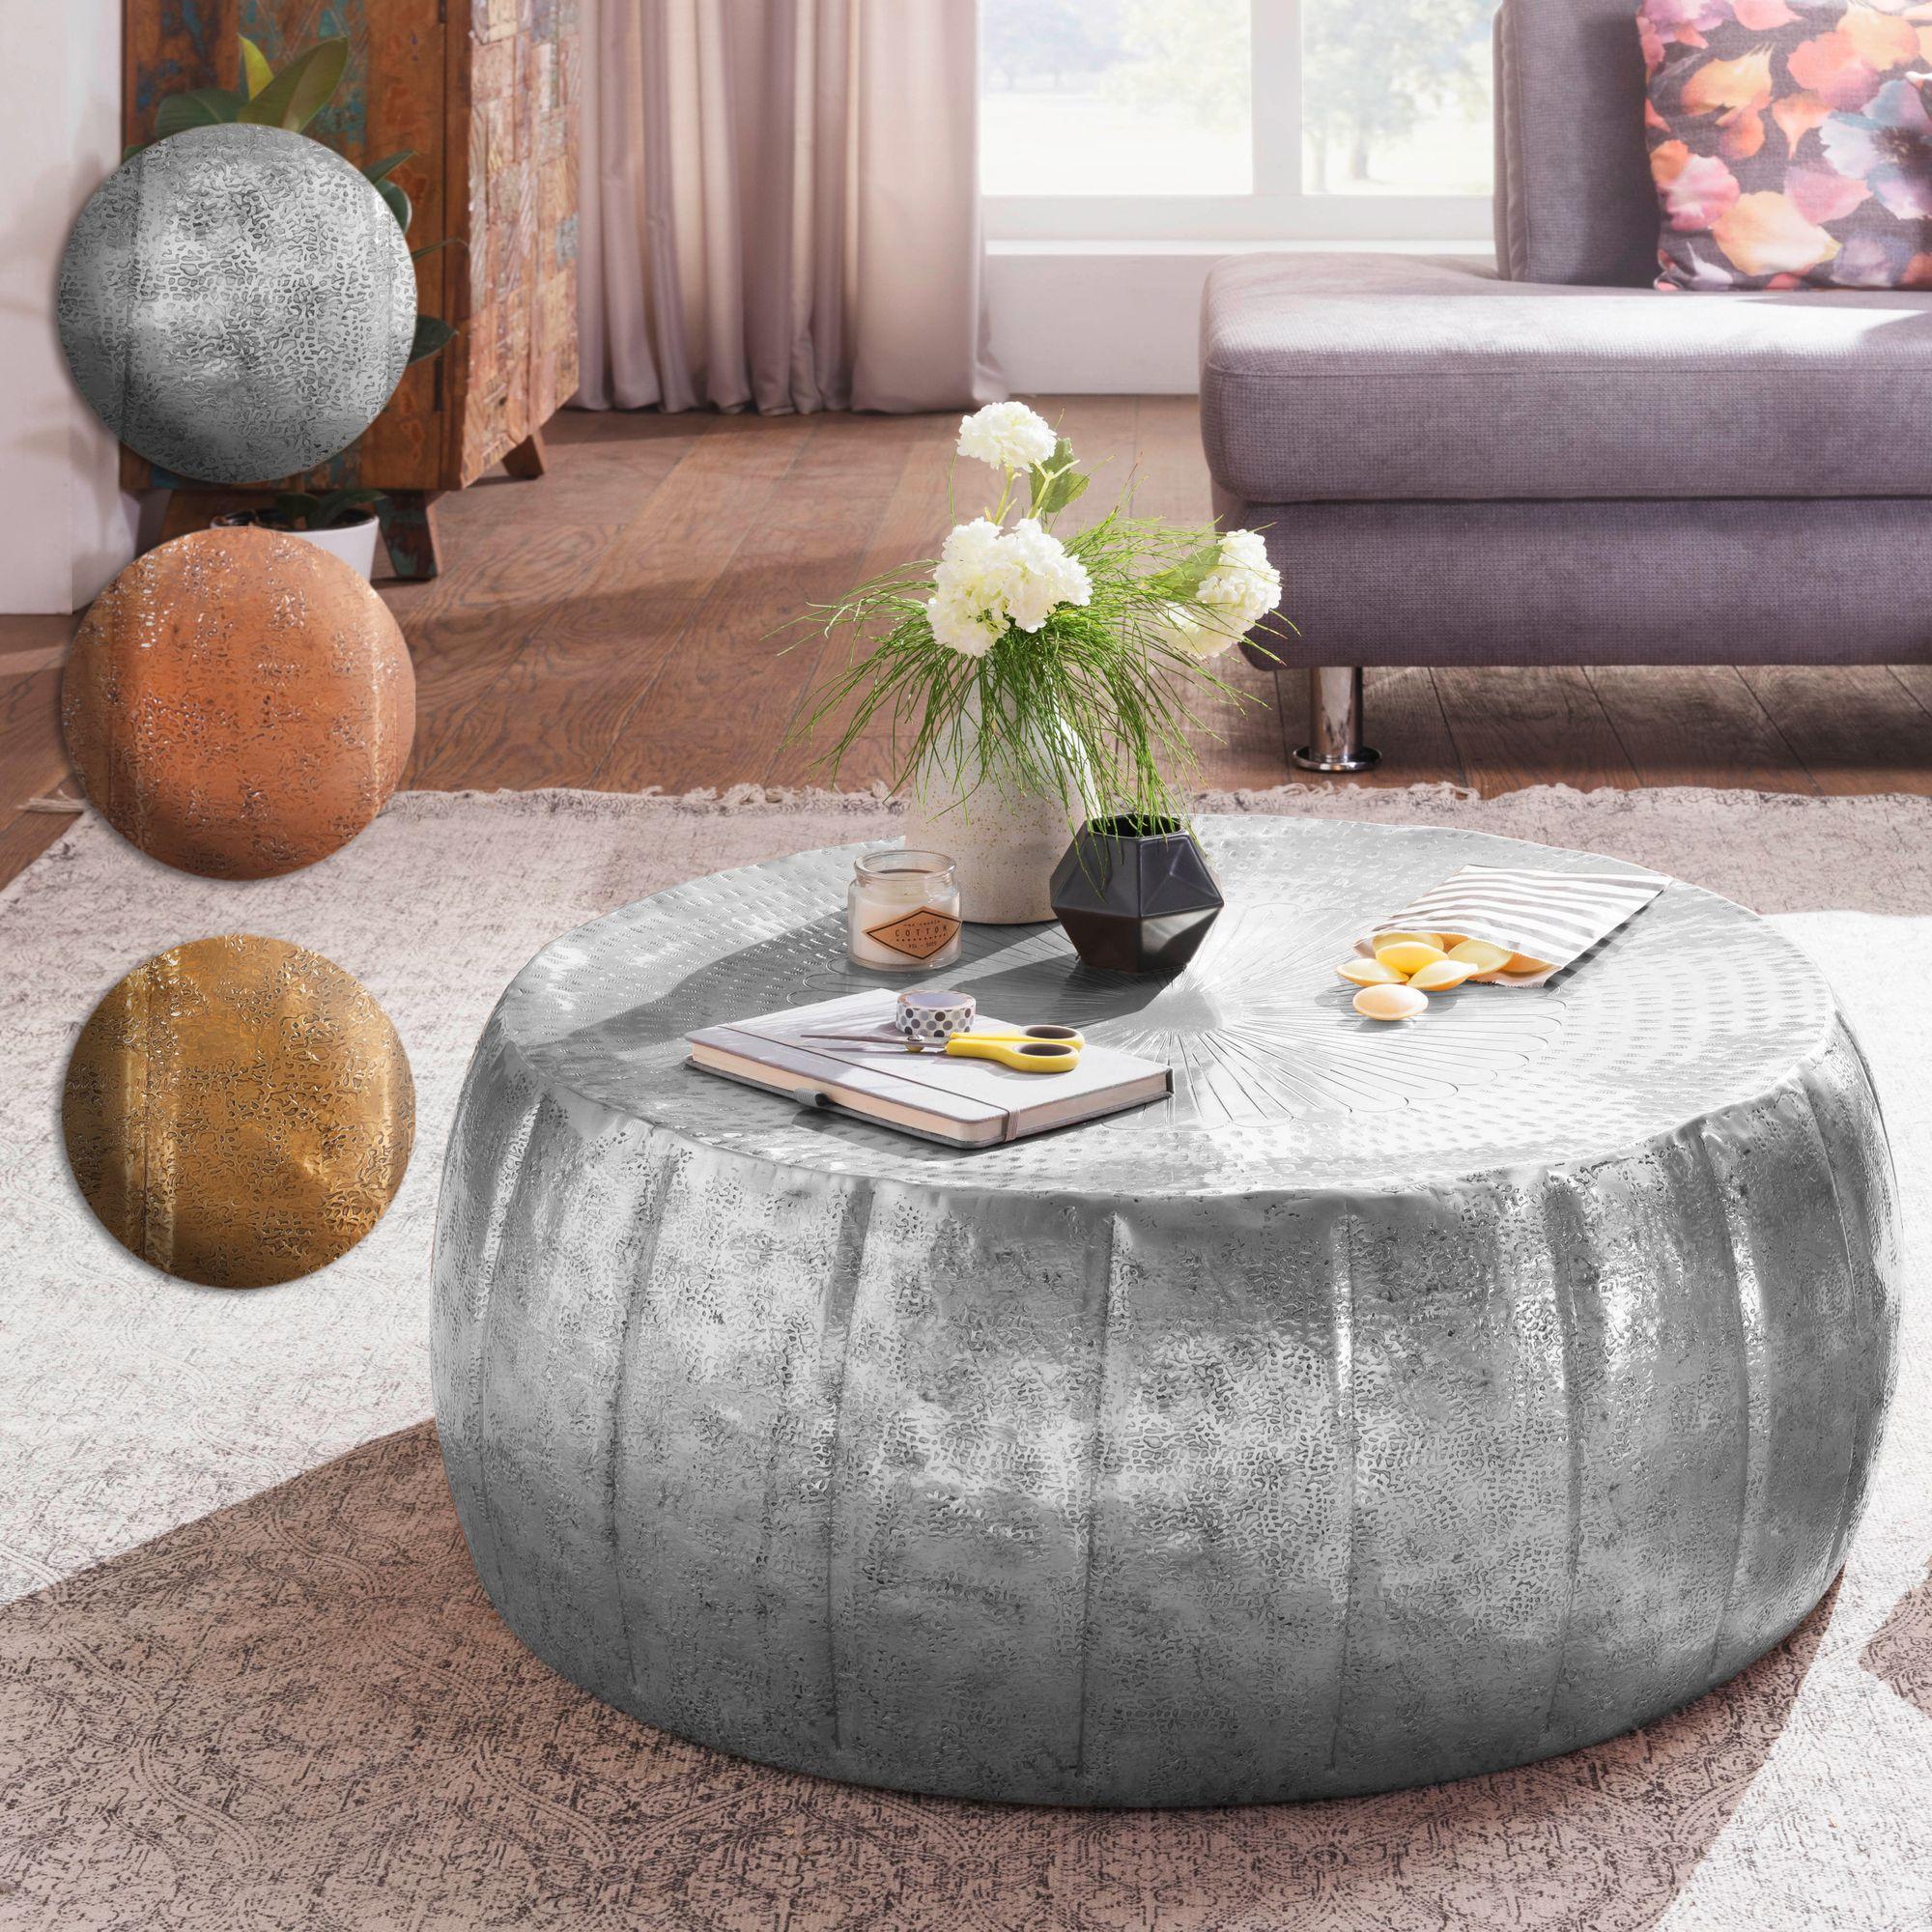 Finebuy Couchtisch Jamali Wohnzimmertisch Rund Sofatisch Stubentisch Metall Alu